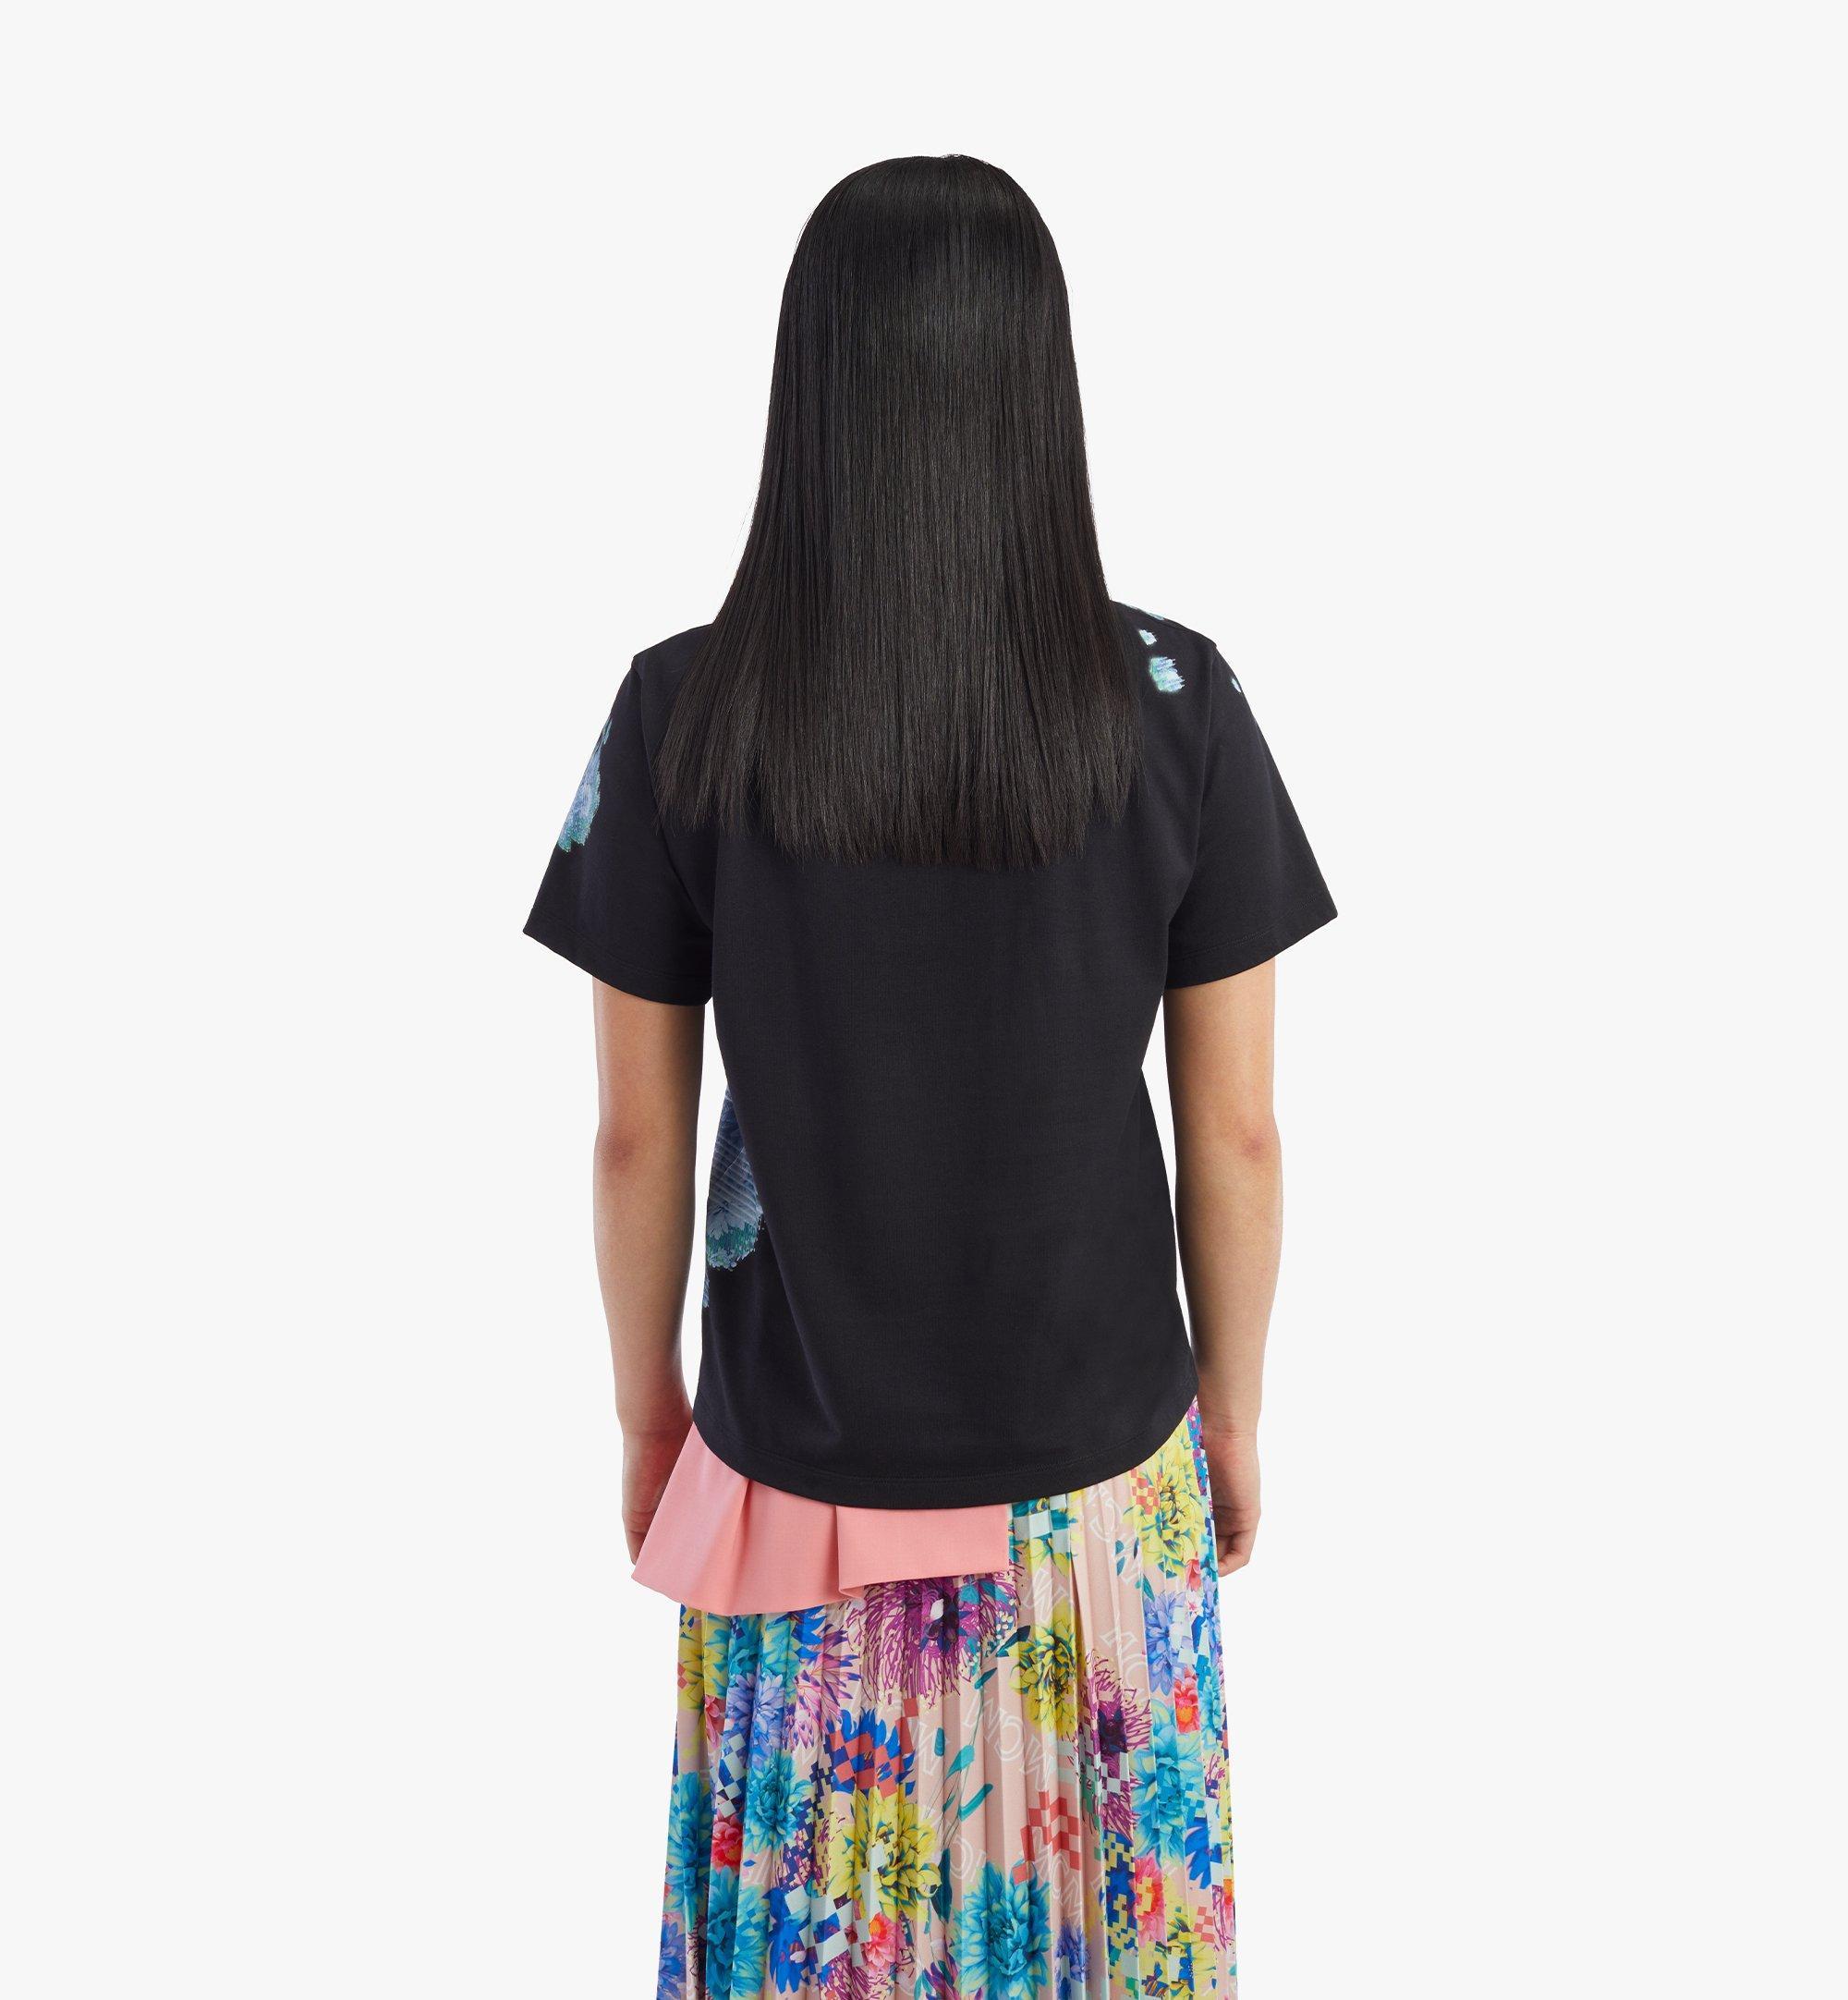 MCM เสื้อยืดพิมพ์ลาย Tech Flower สำหรับผู้หญิง Black MFTBSMM09BK00L มุมมองอื่น 3